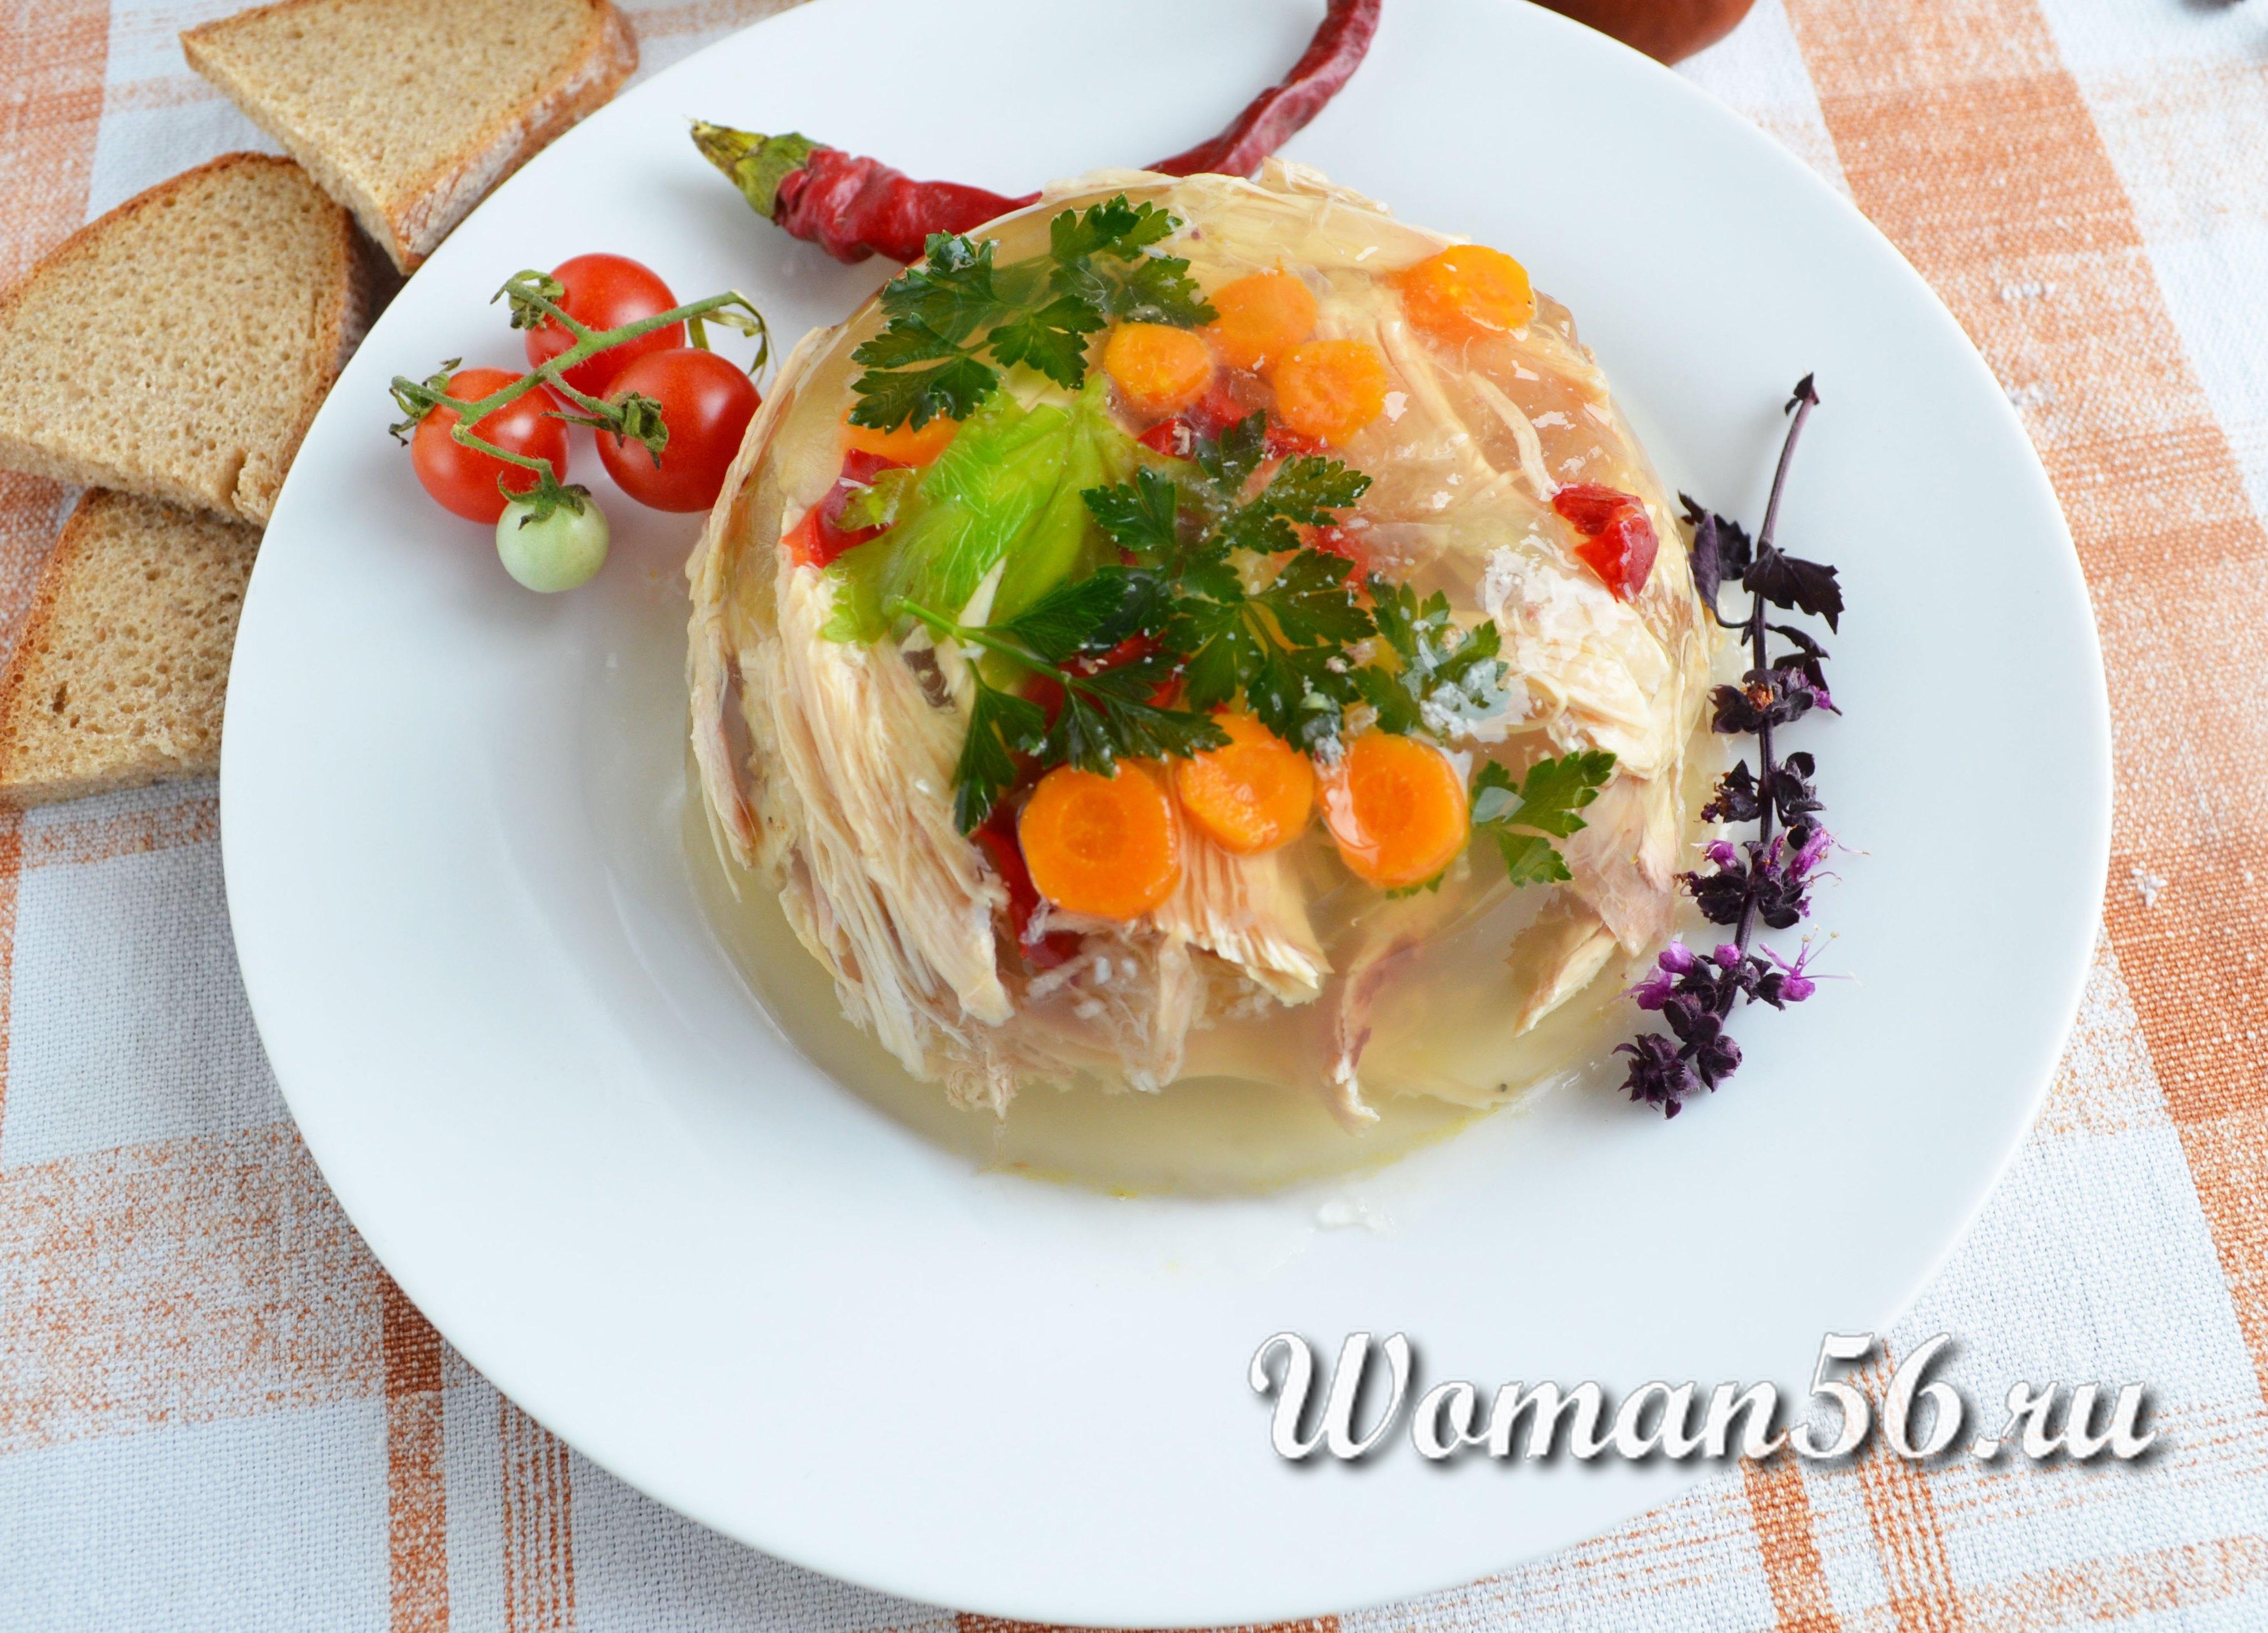 Рецепт блюда из яиц и соли